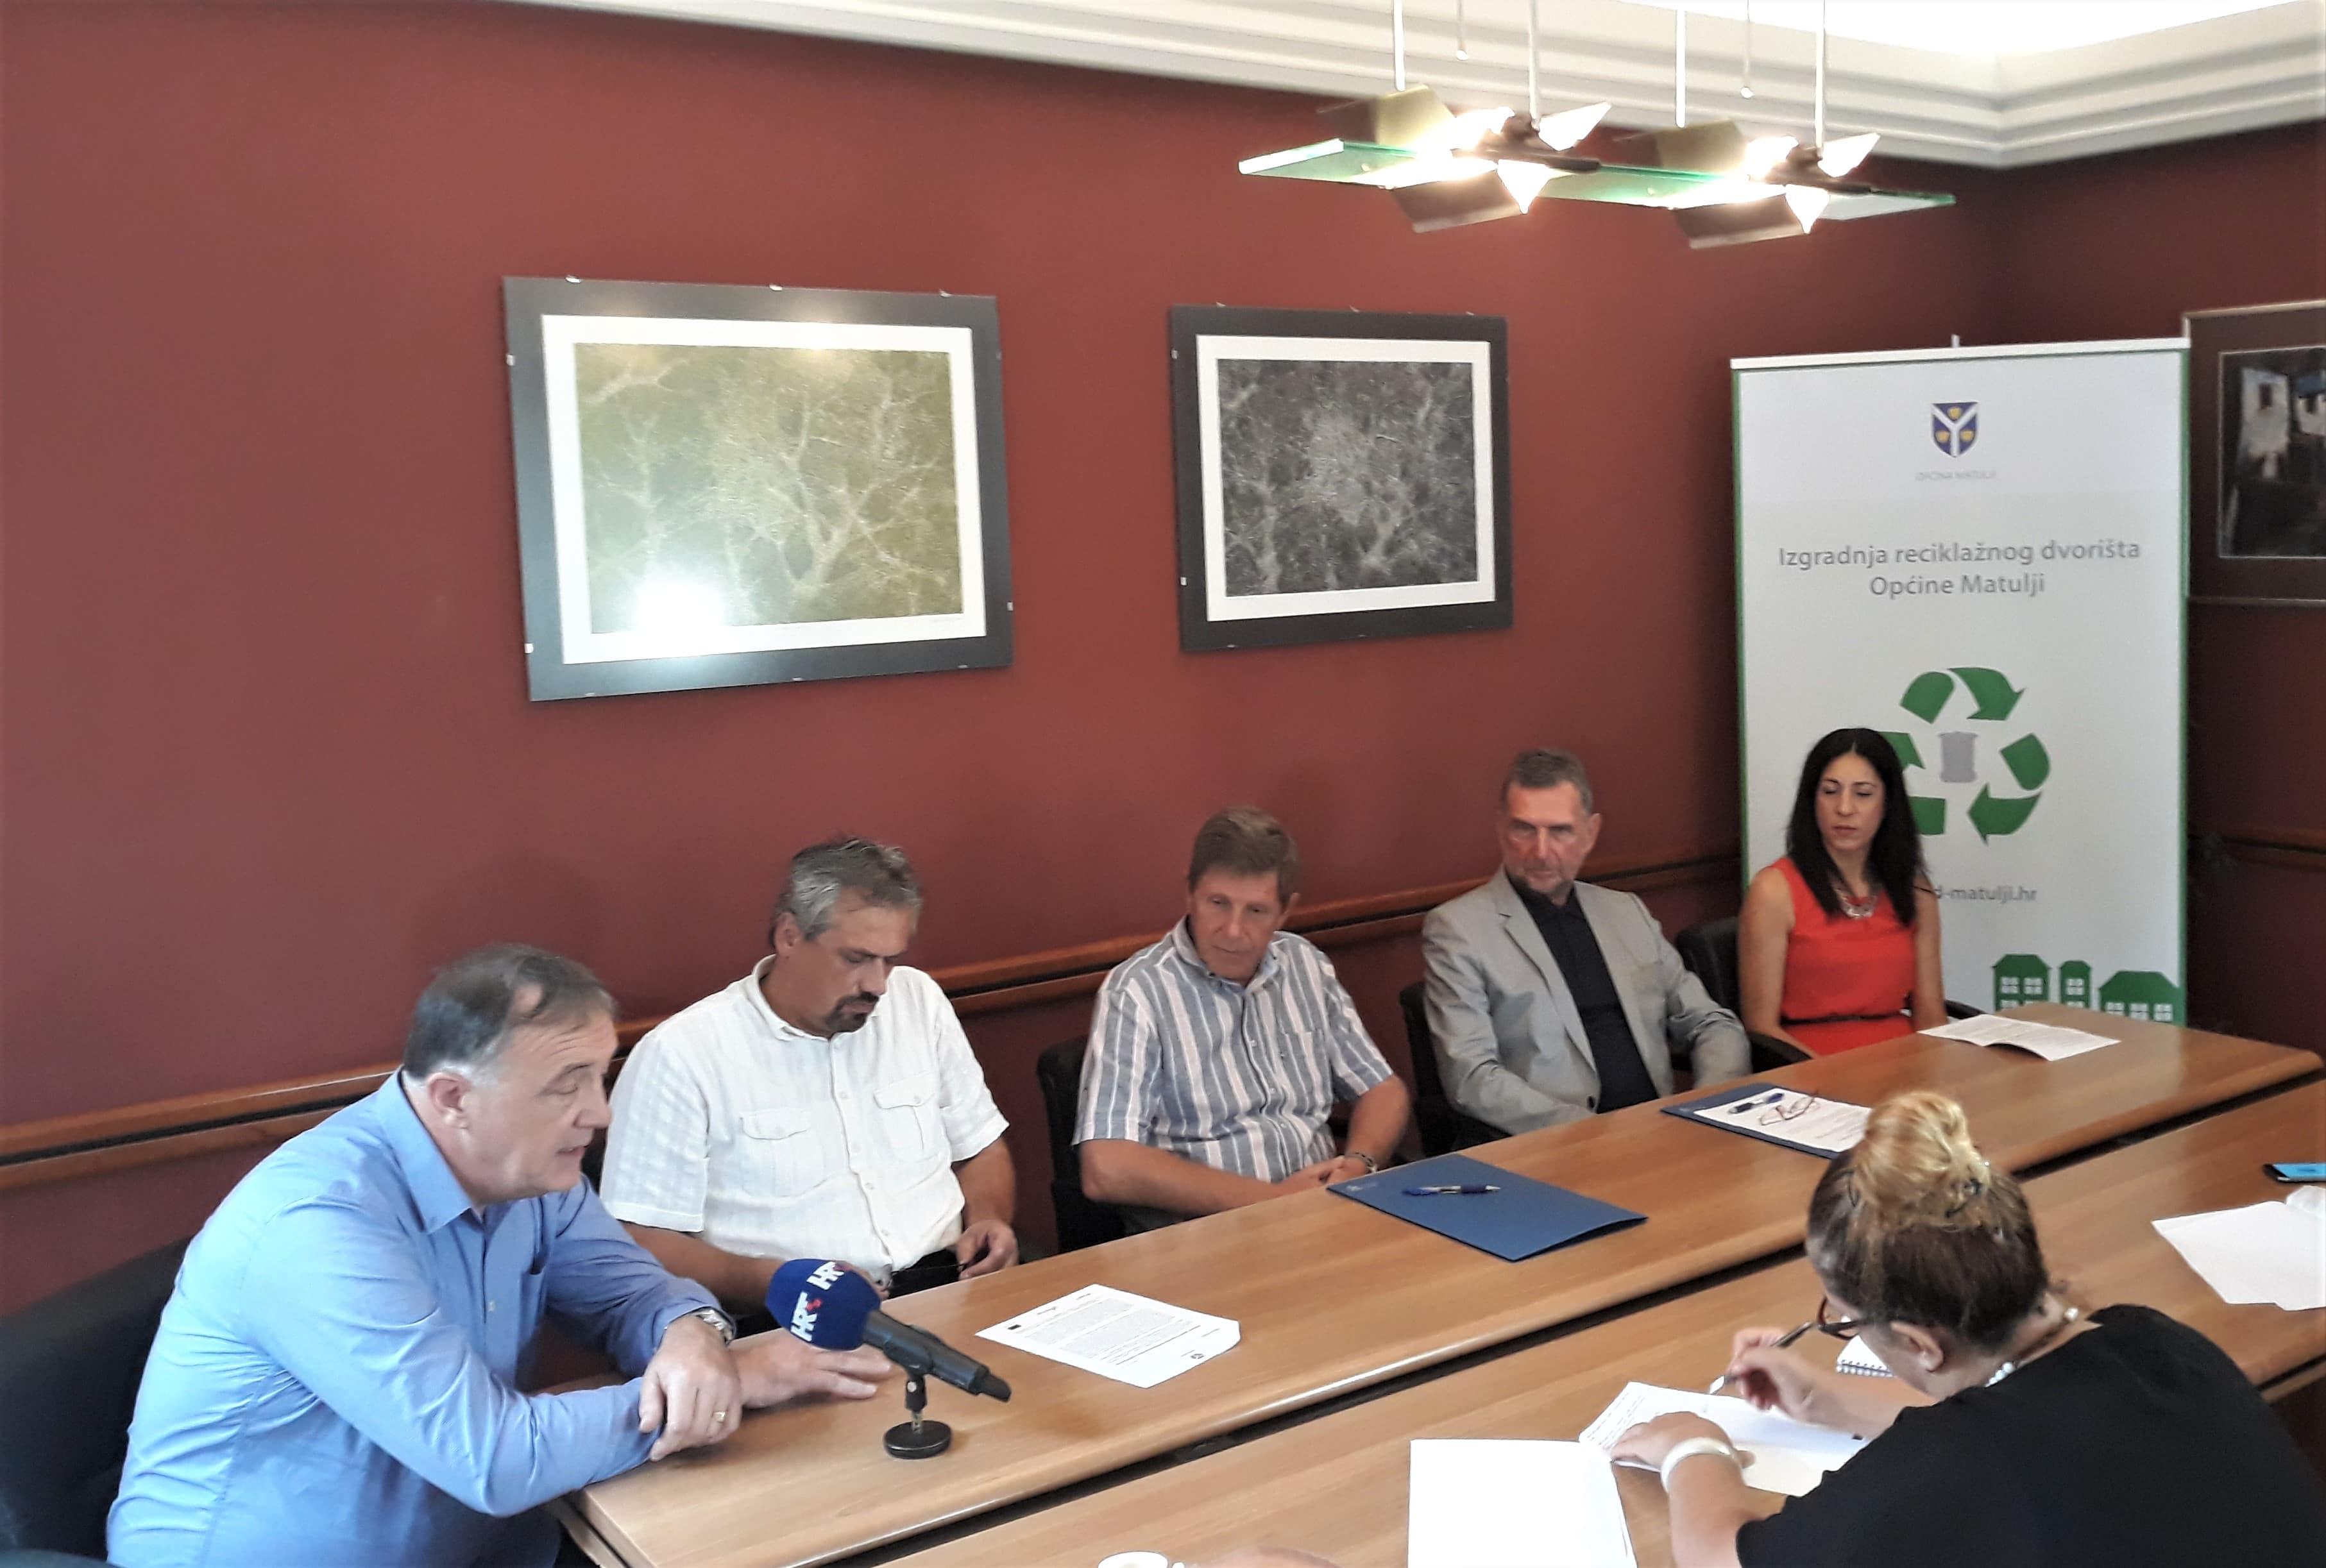 Potpisan ugovor o izgradnji reciklažnog dvorišta u Općini Matulji